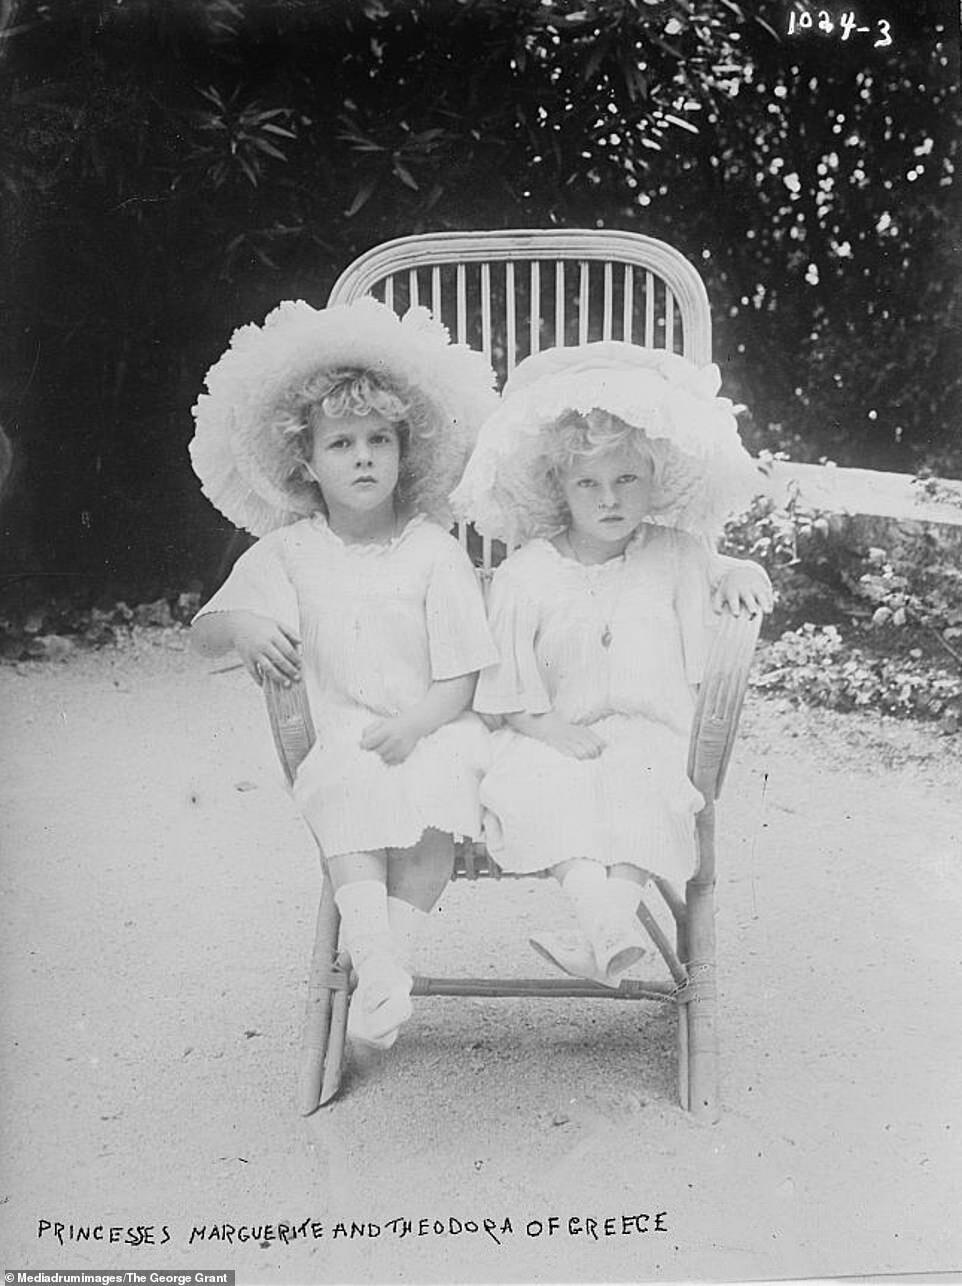 Принцеса Маргарита і принцеса Феодора